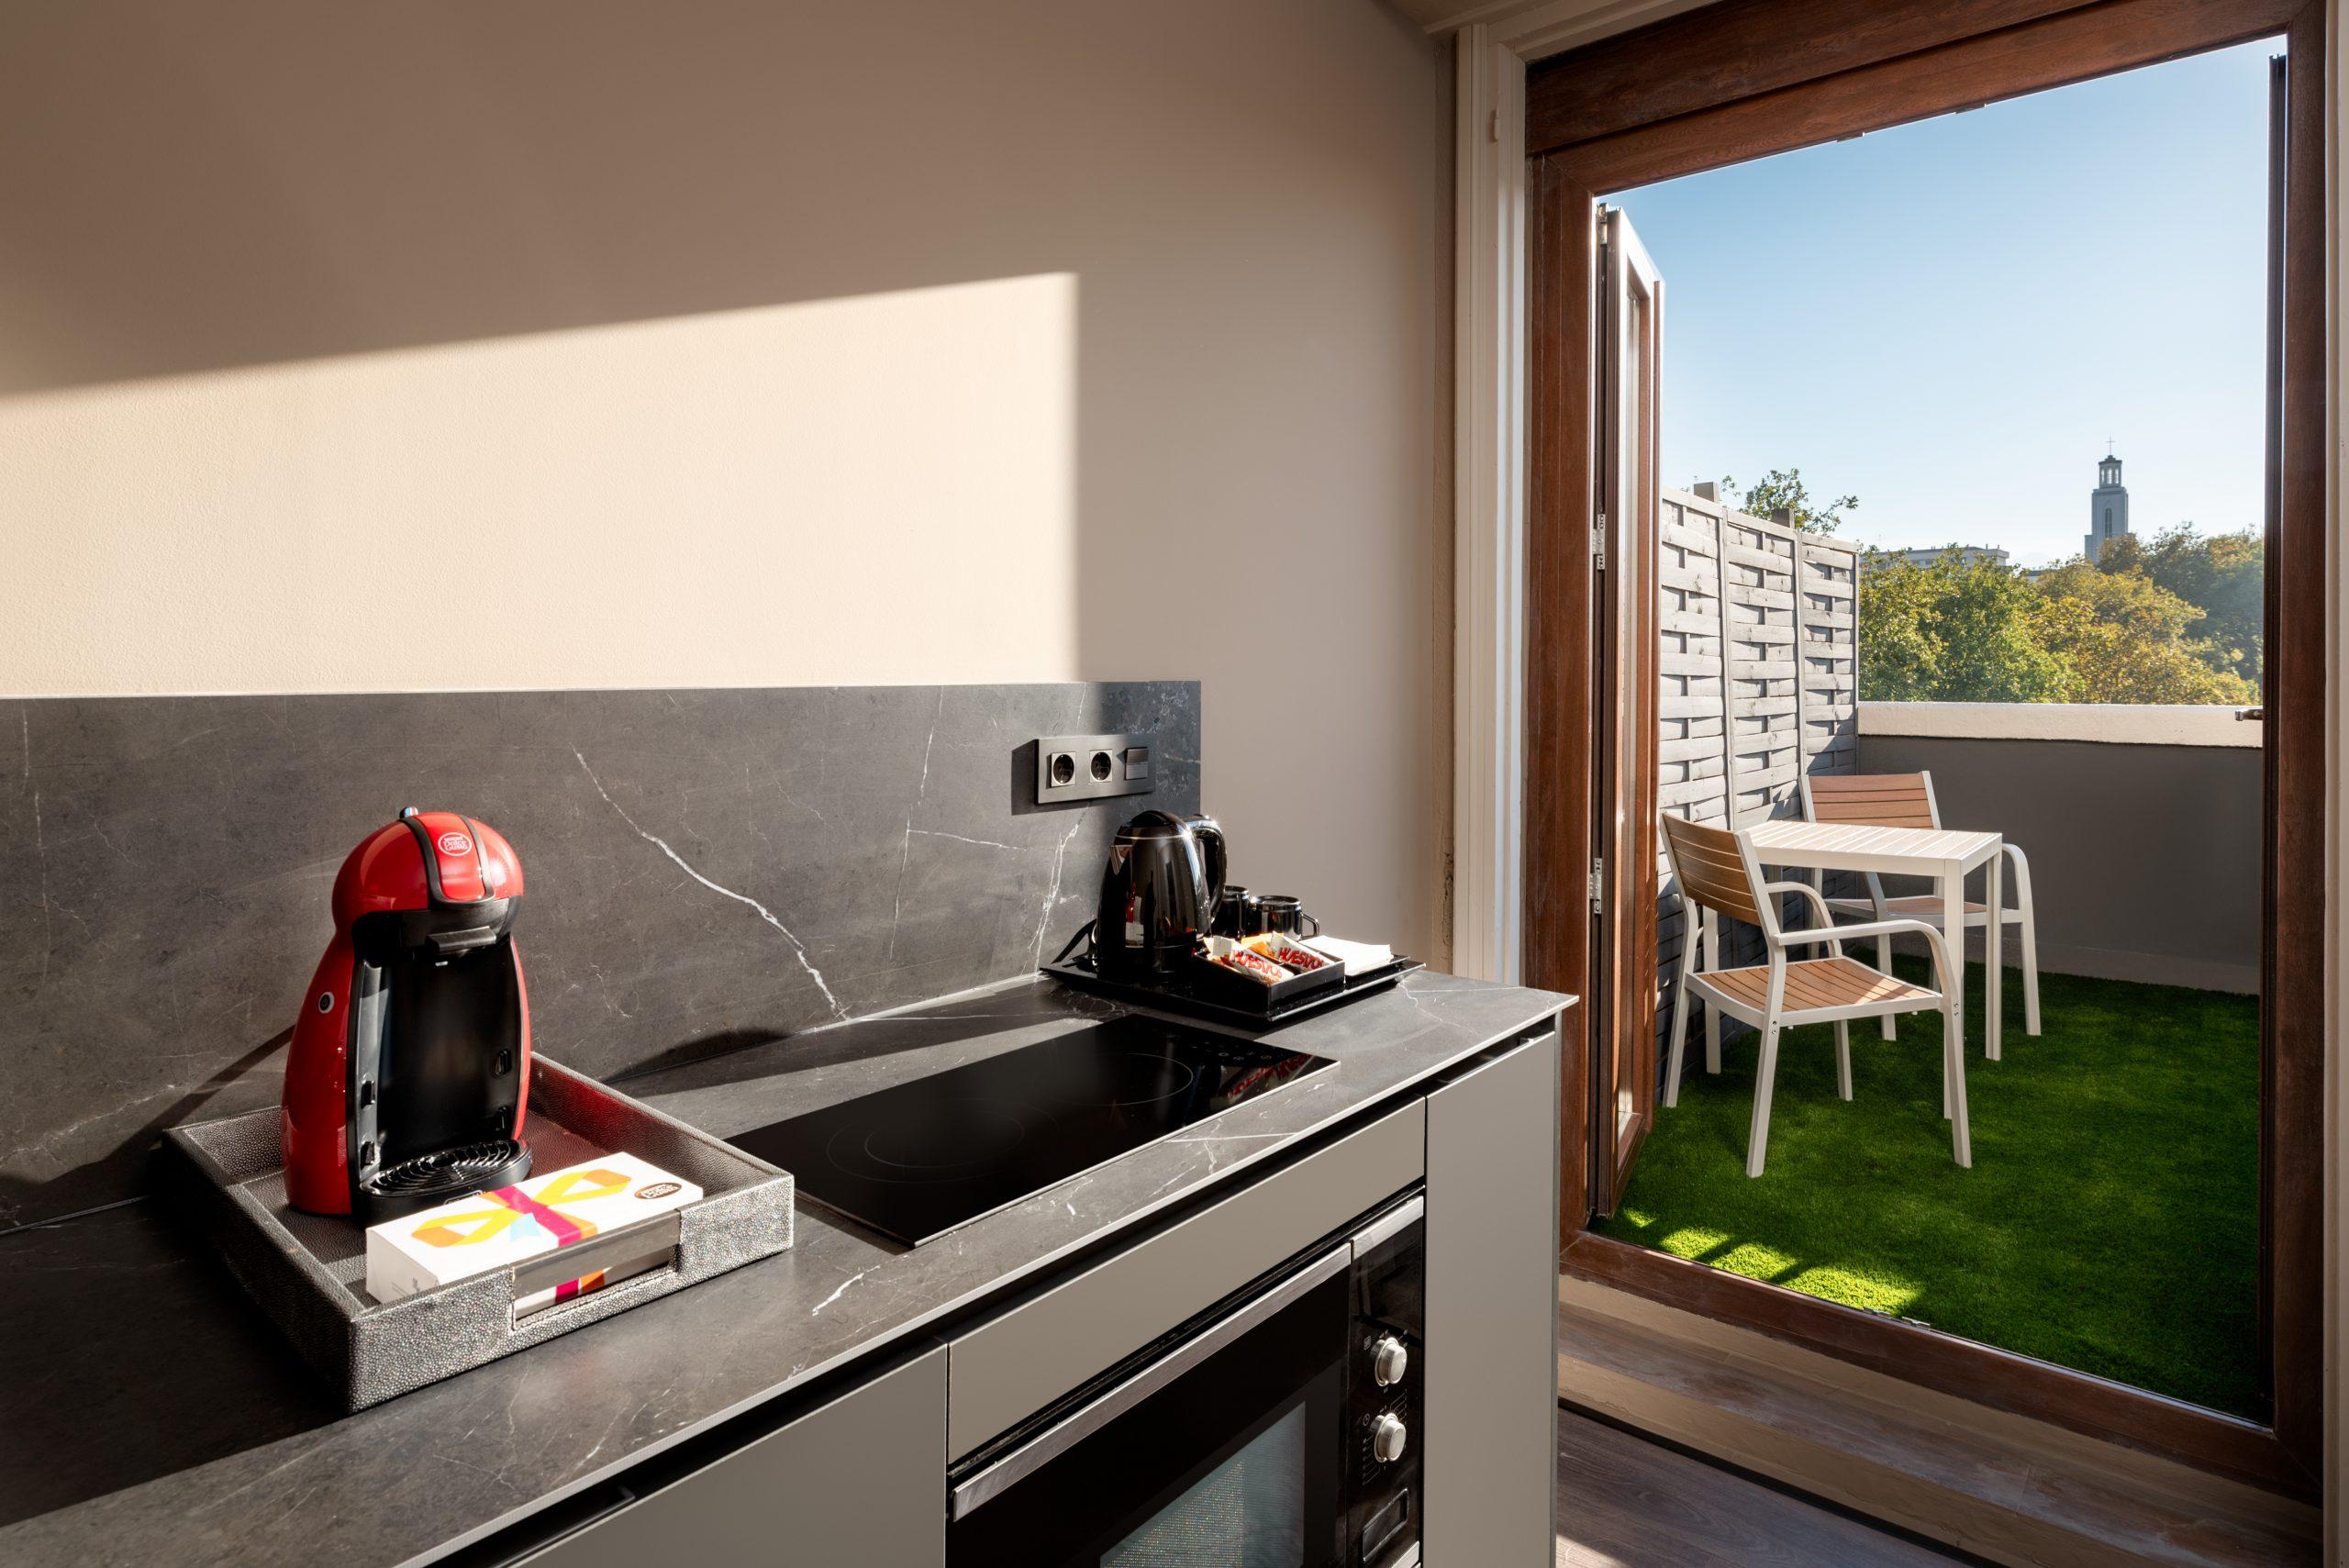 Apartamento-Suite-Atico-61-Oviedo-1907-04